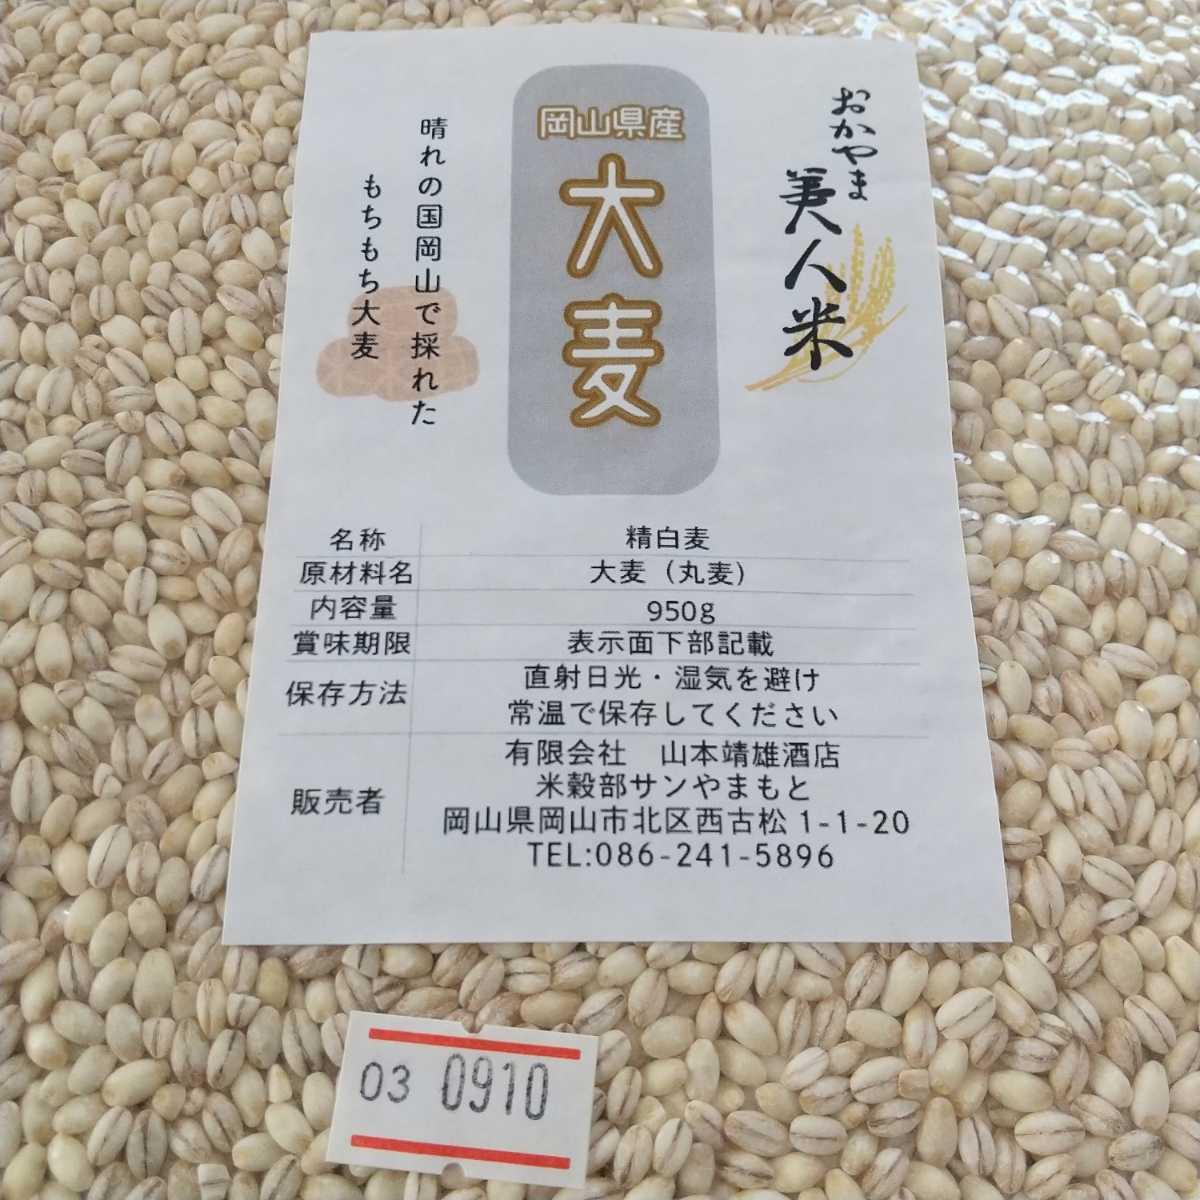 送料無料★国産 岡山県産 丸麦 950g 雑穀 大麦 _画像3